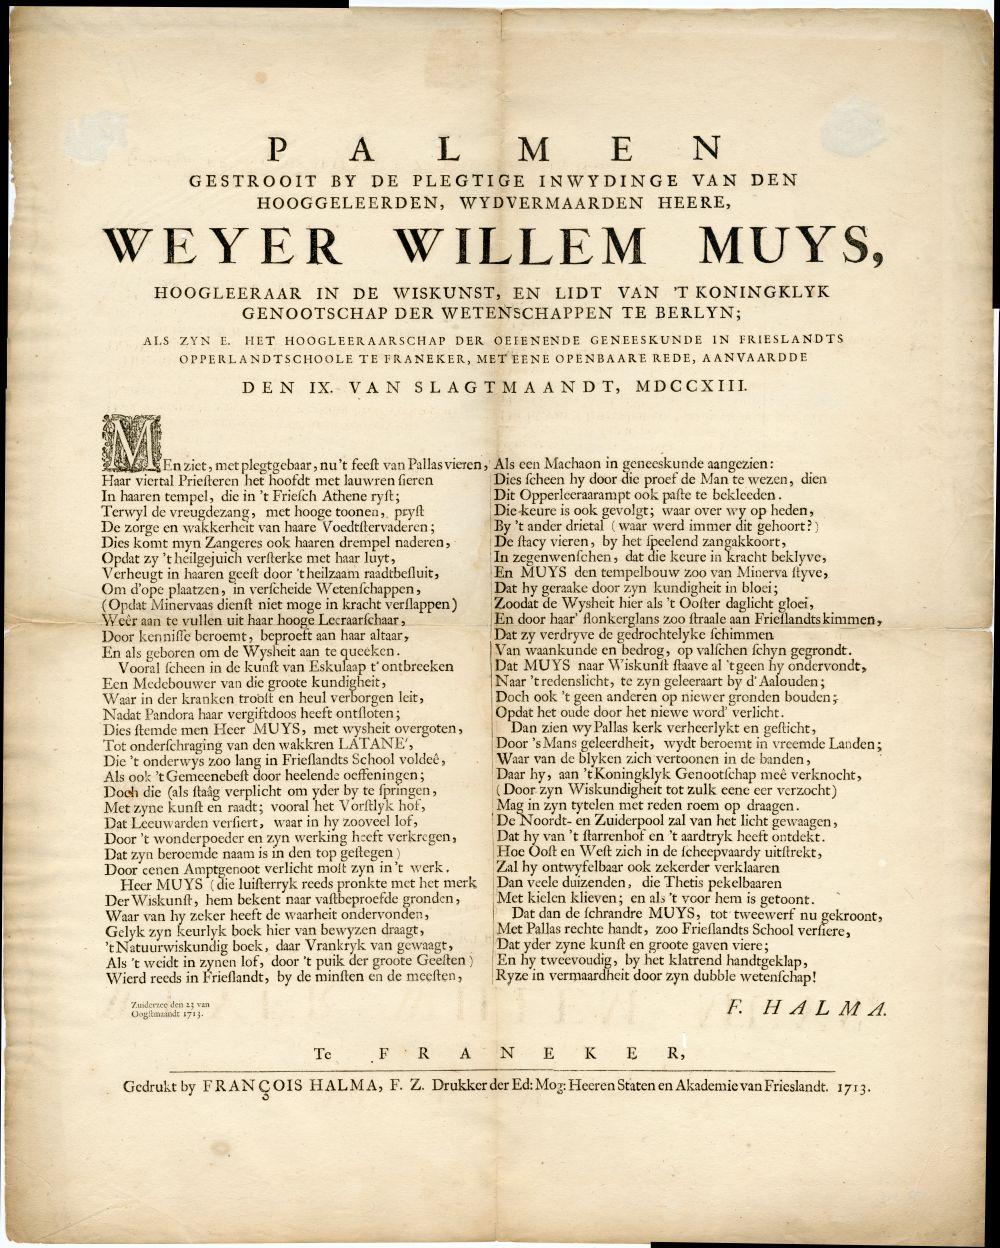 Rijmprent ter gelegenheid van de plechtige inwijding van de heer W.W. Muys tot Hoogleraar in de Geneeskunde aan de Franeker Hogeschool.